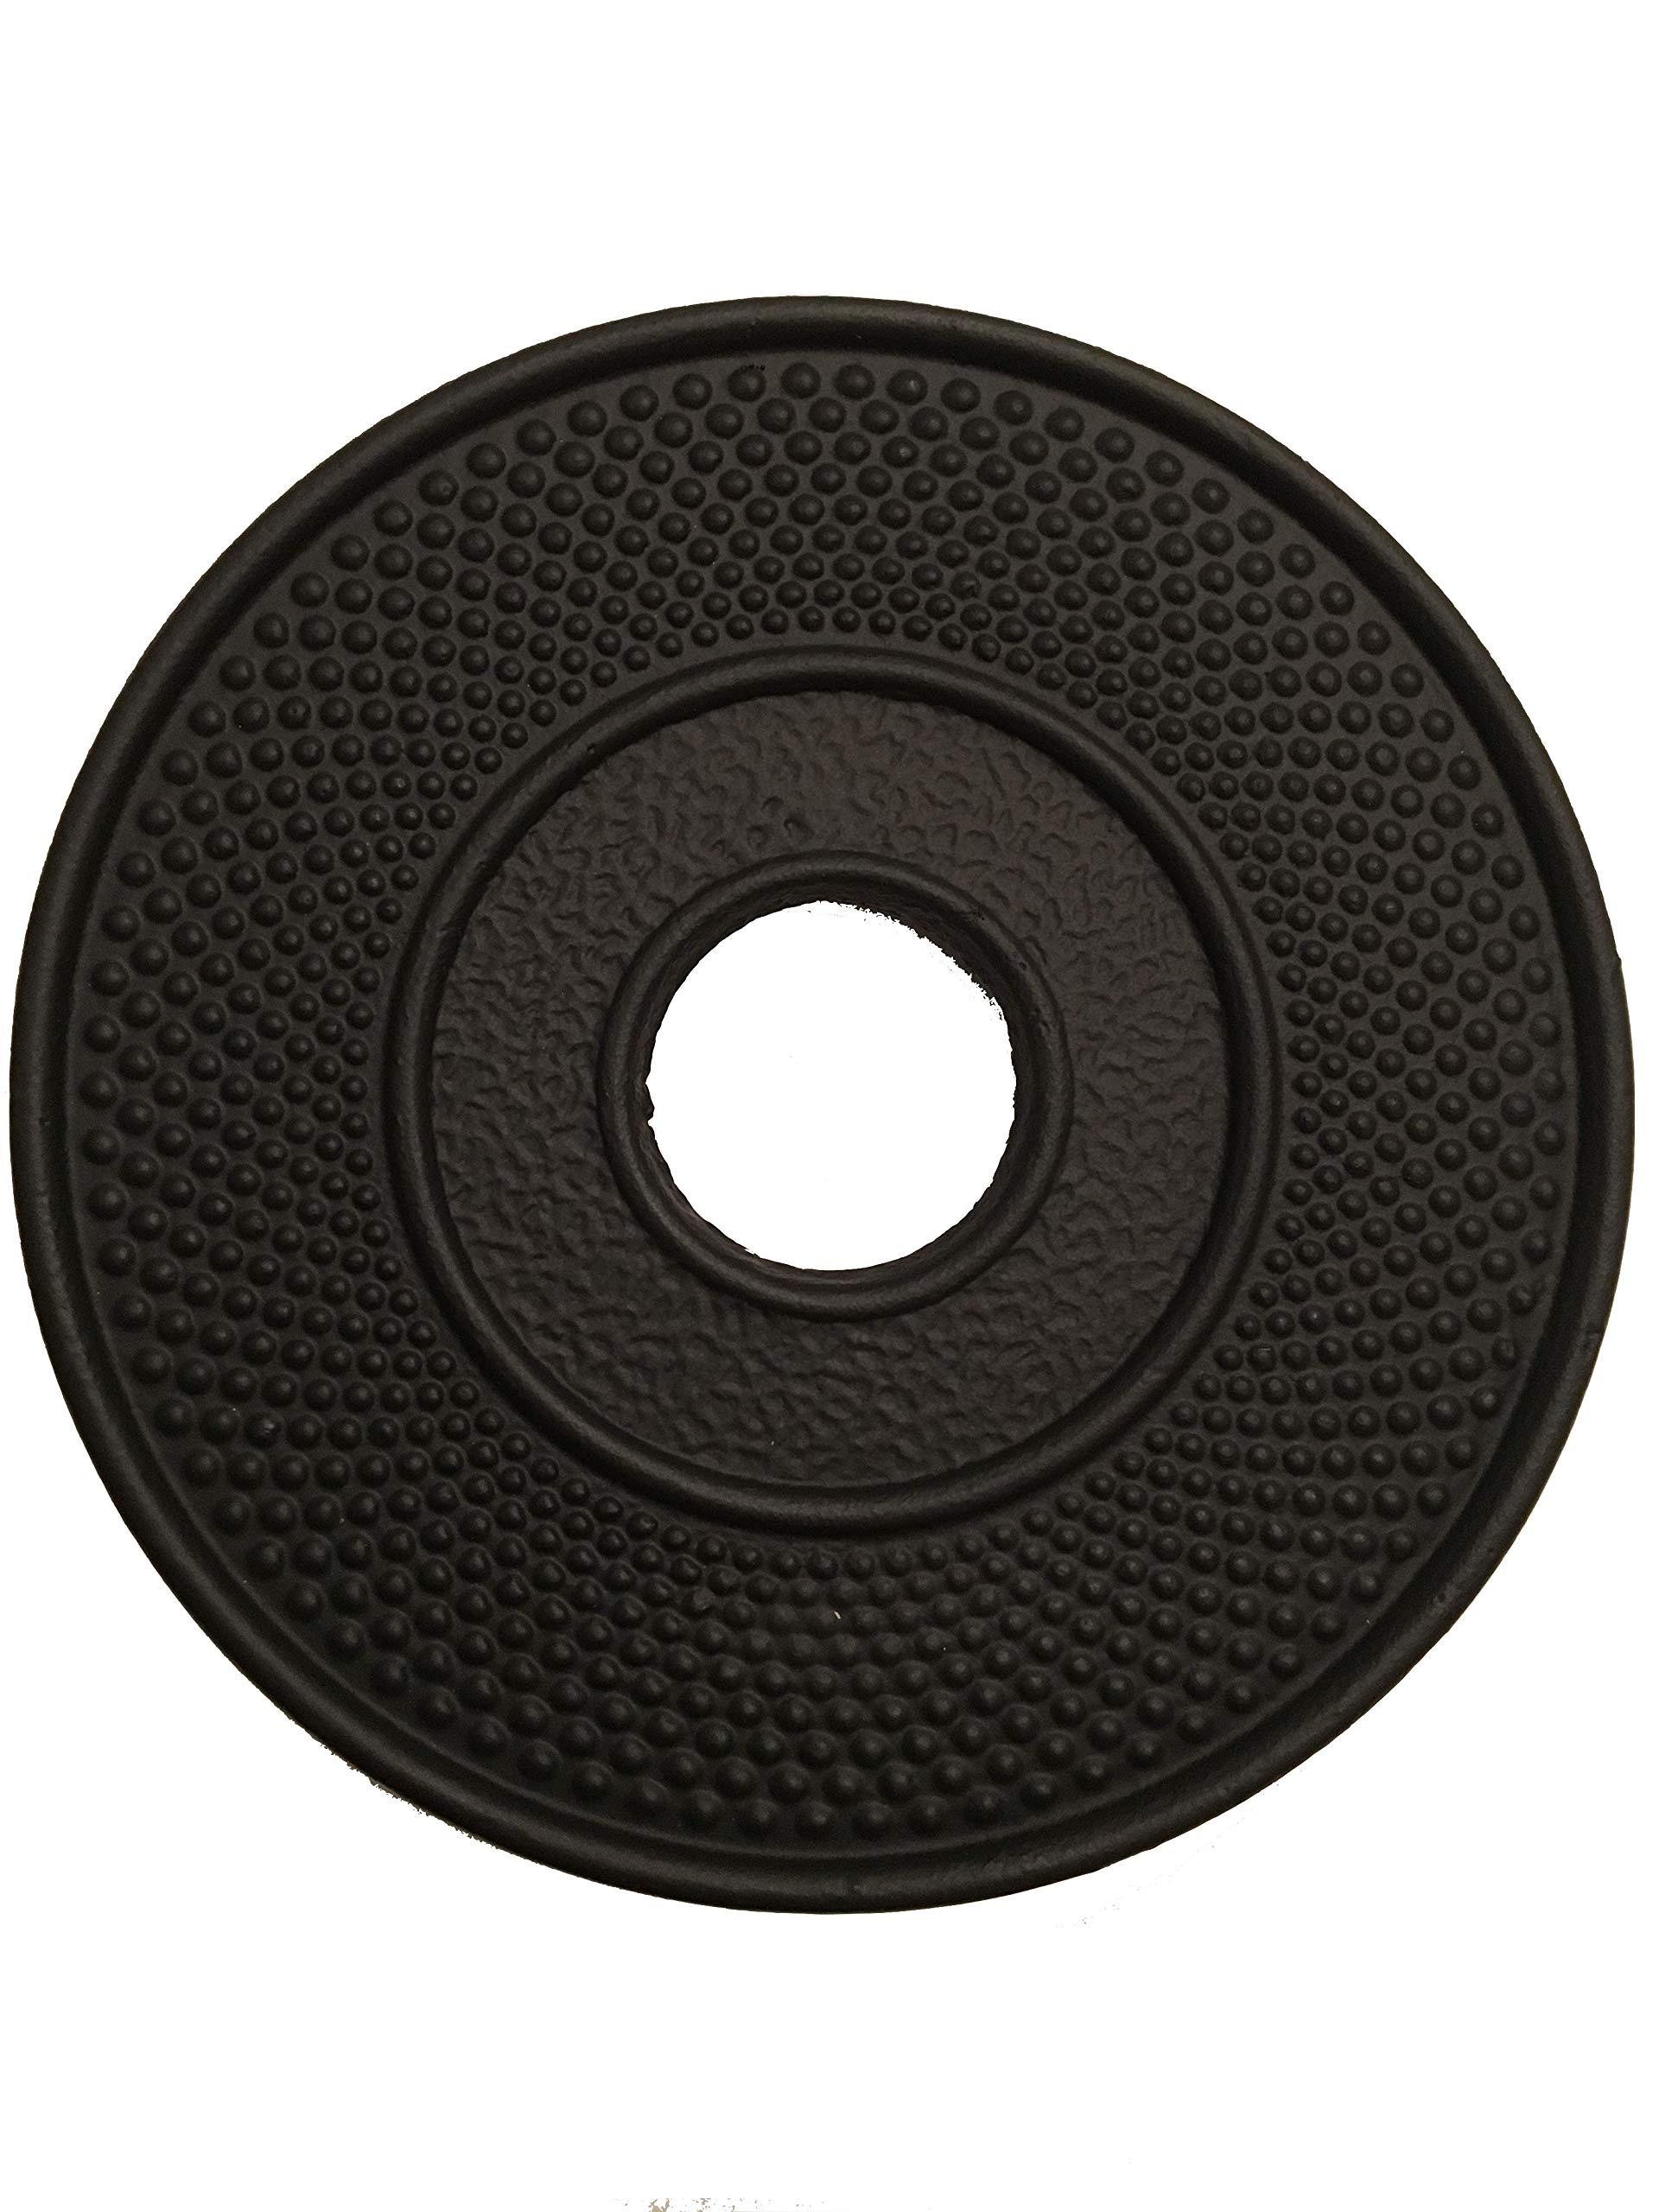 Cast Iron Trivet ARR Black, 4FreshAir, 4FRA-CITB